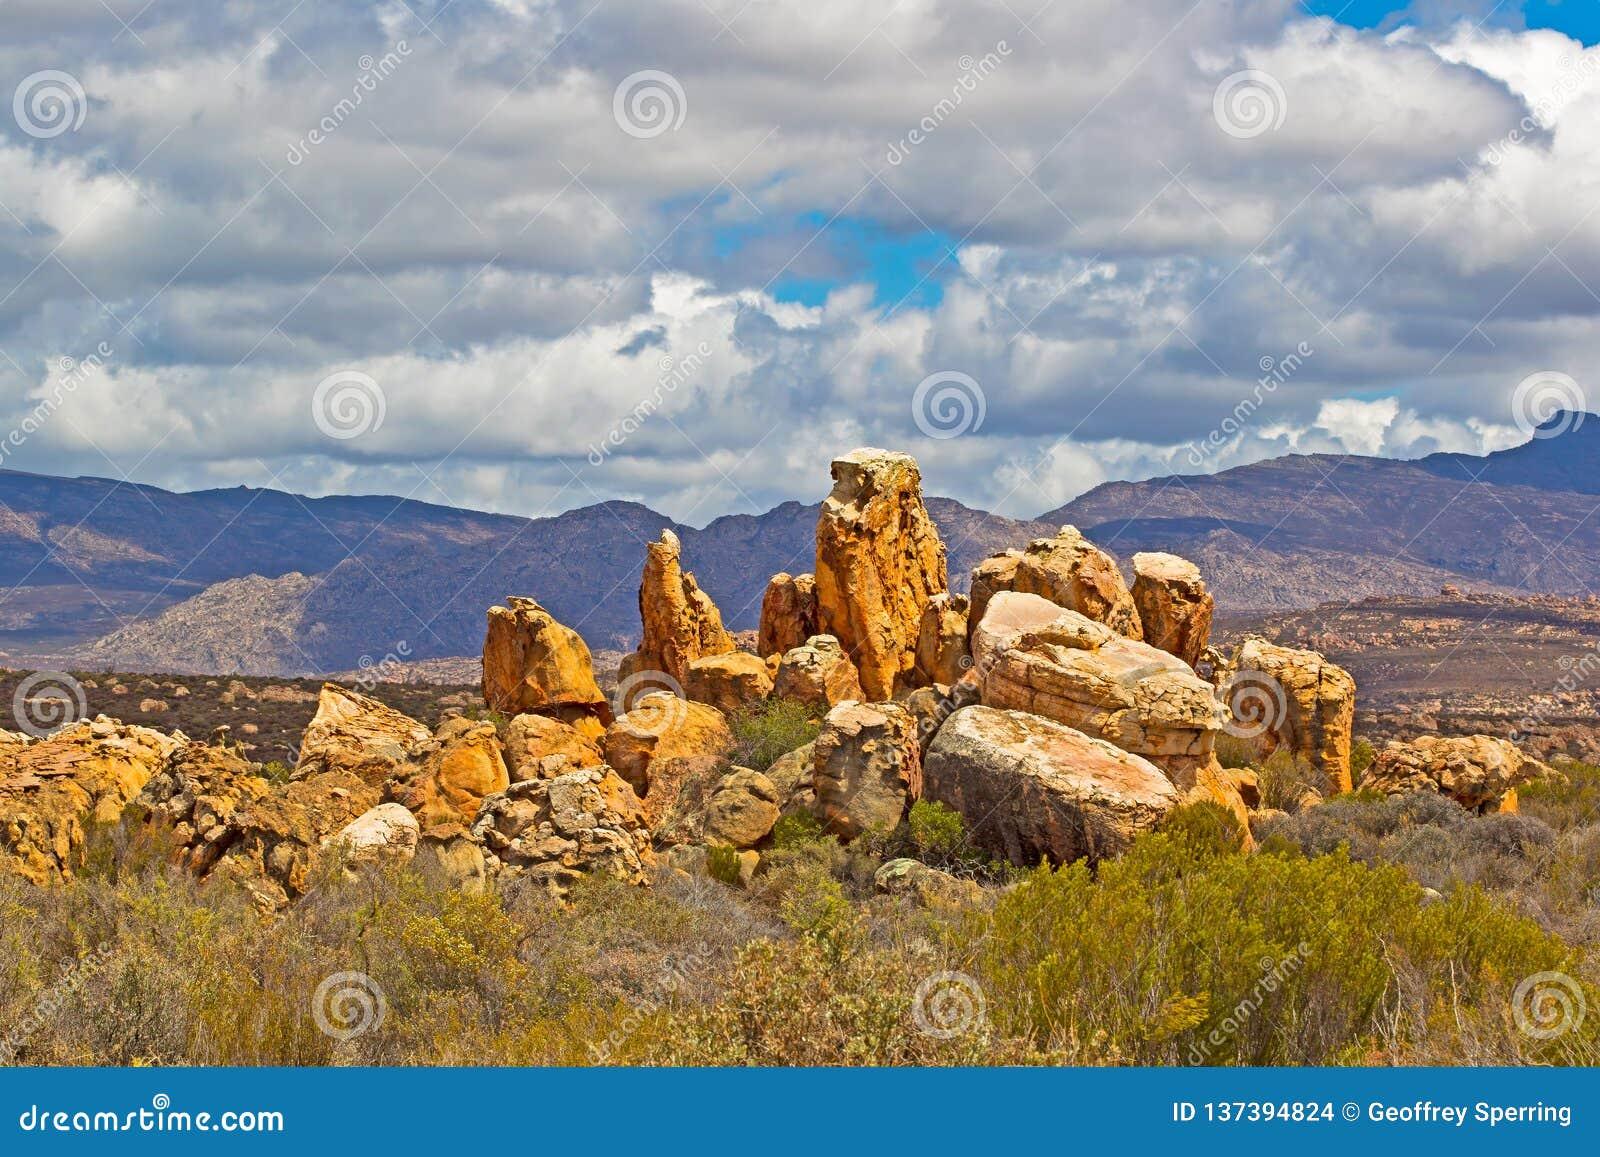 Landschap van roodachtige rotsen, bergen, en hemel